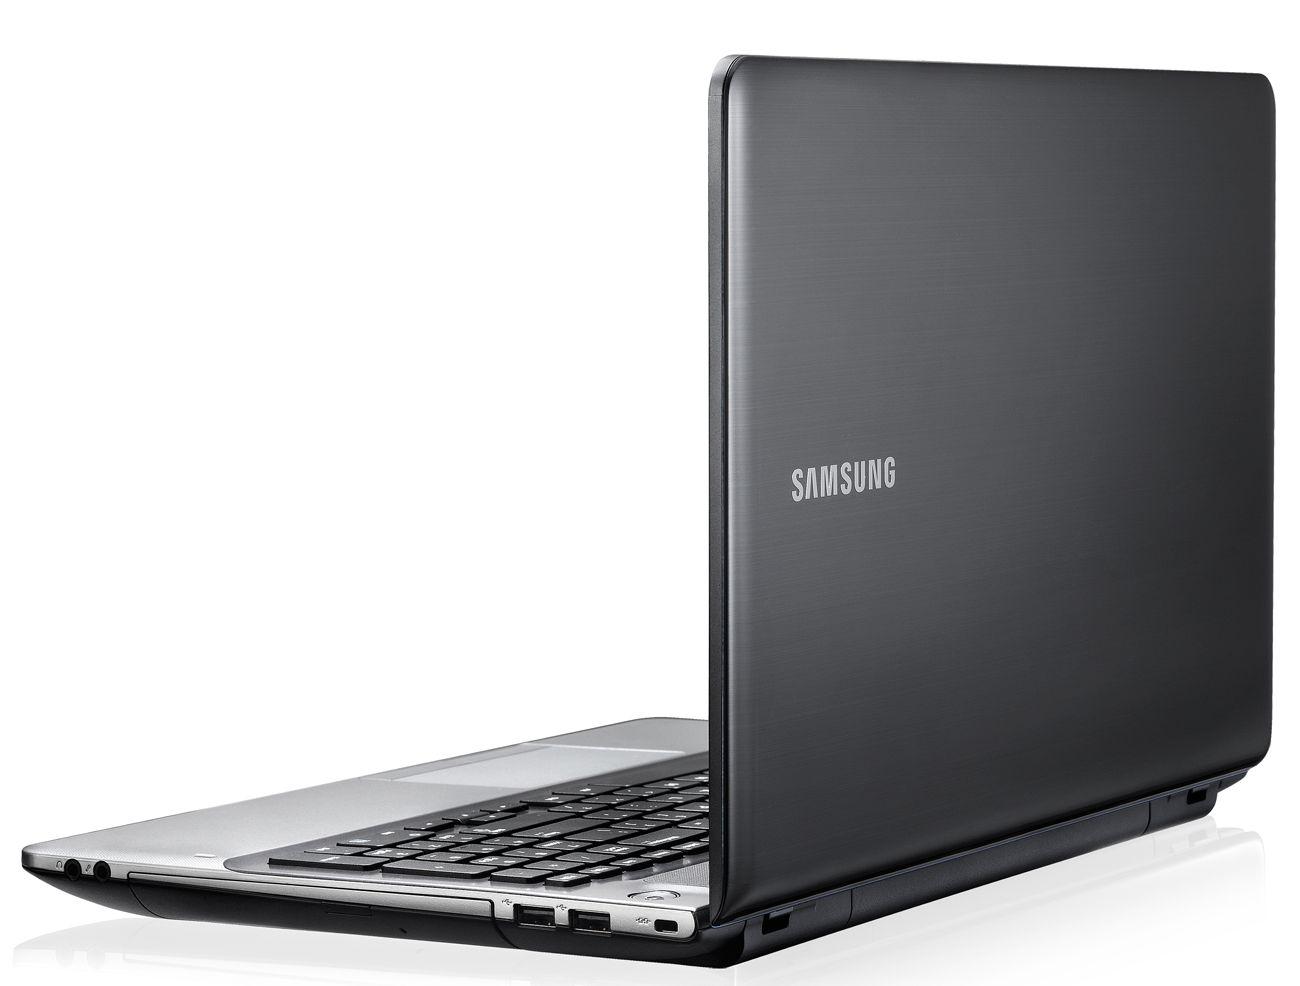 Samsung Série 3 NP350V5C-S07